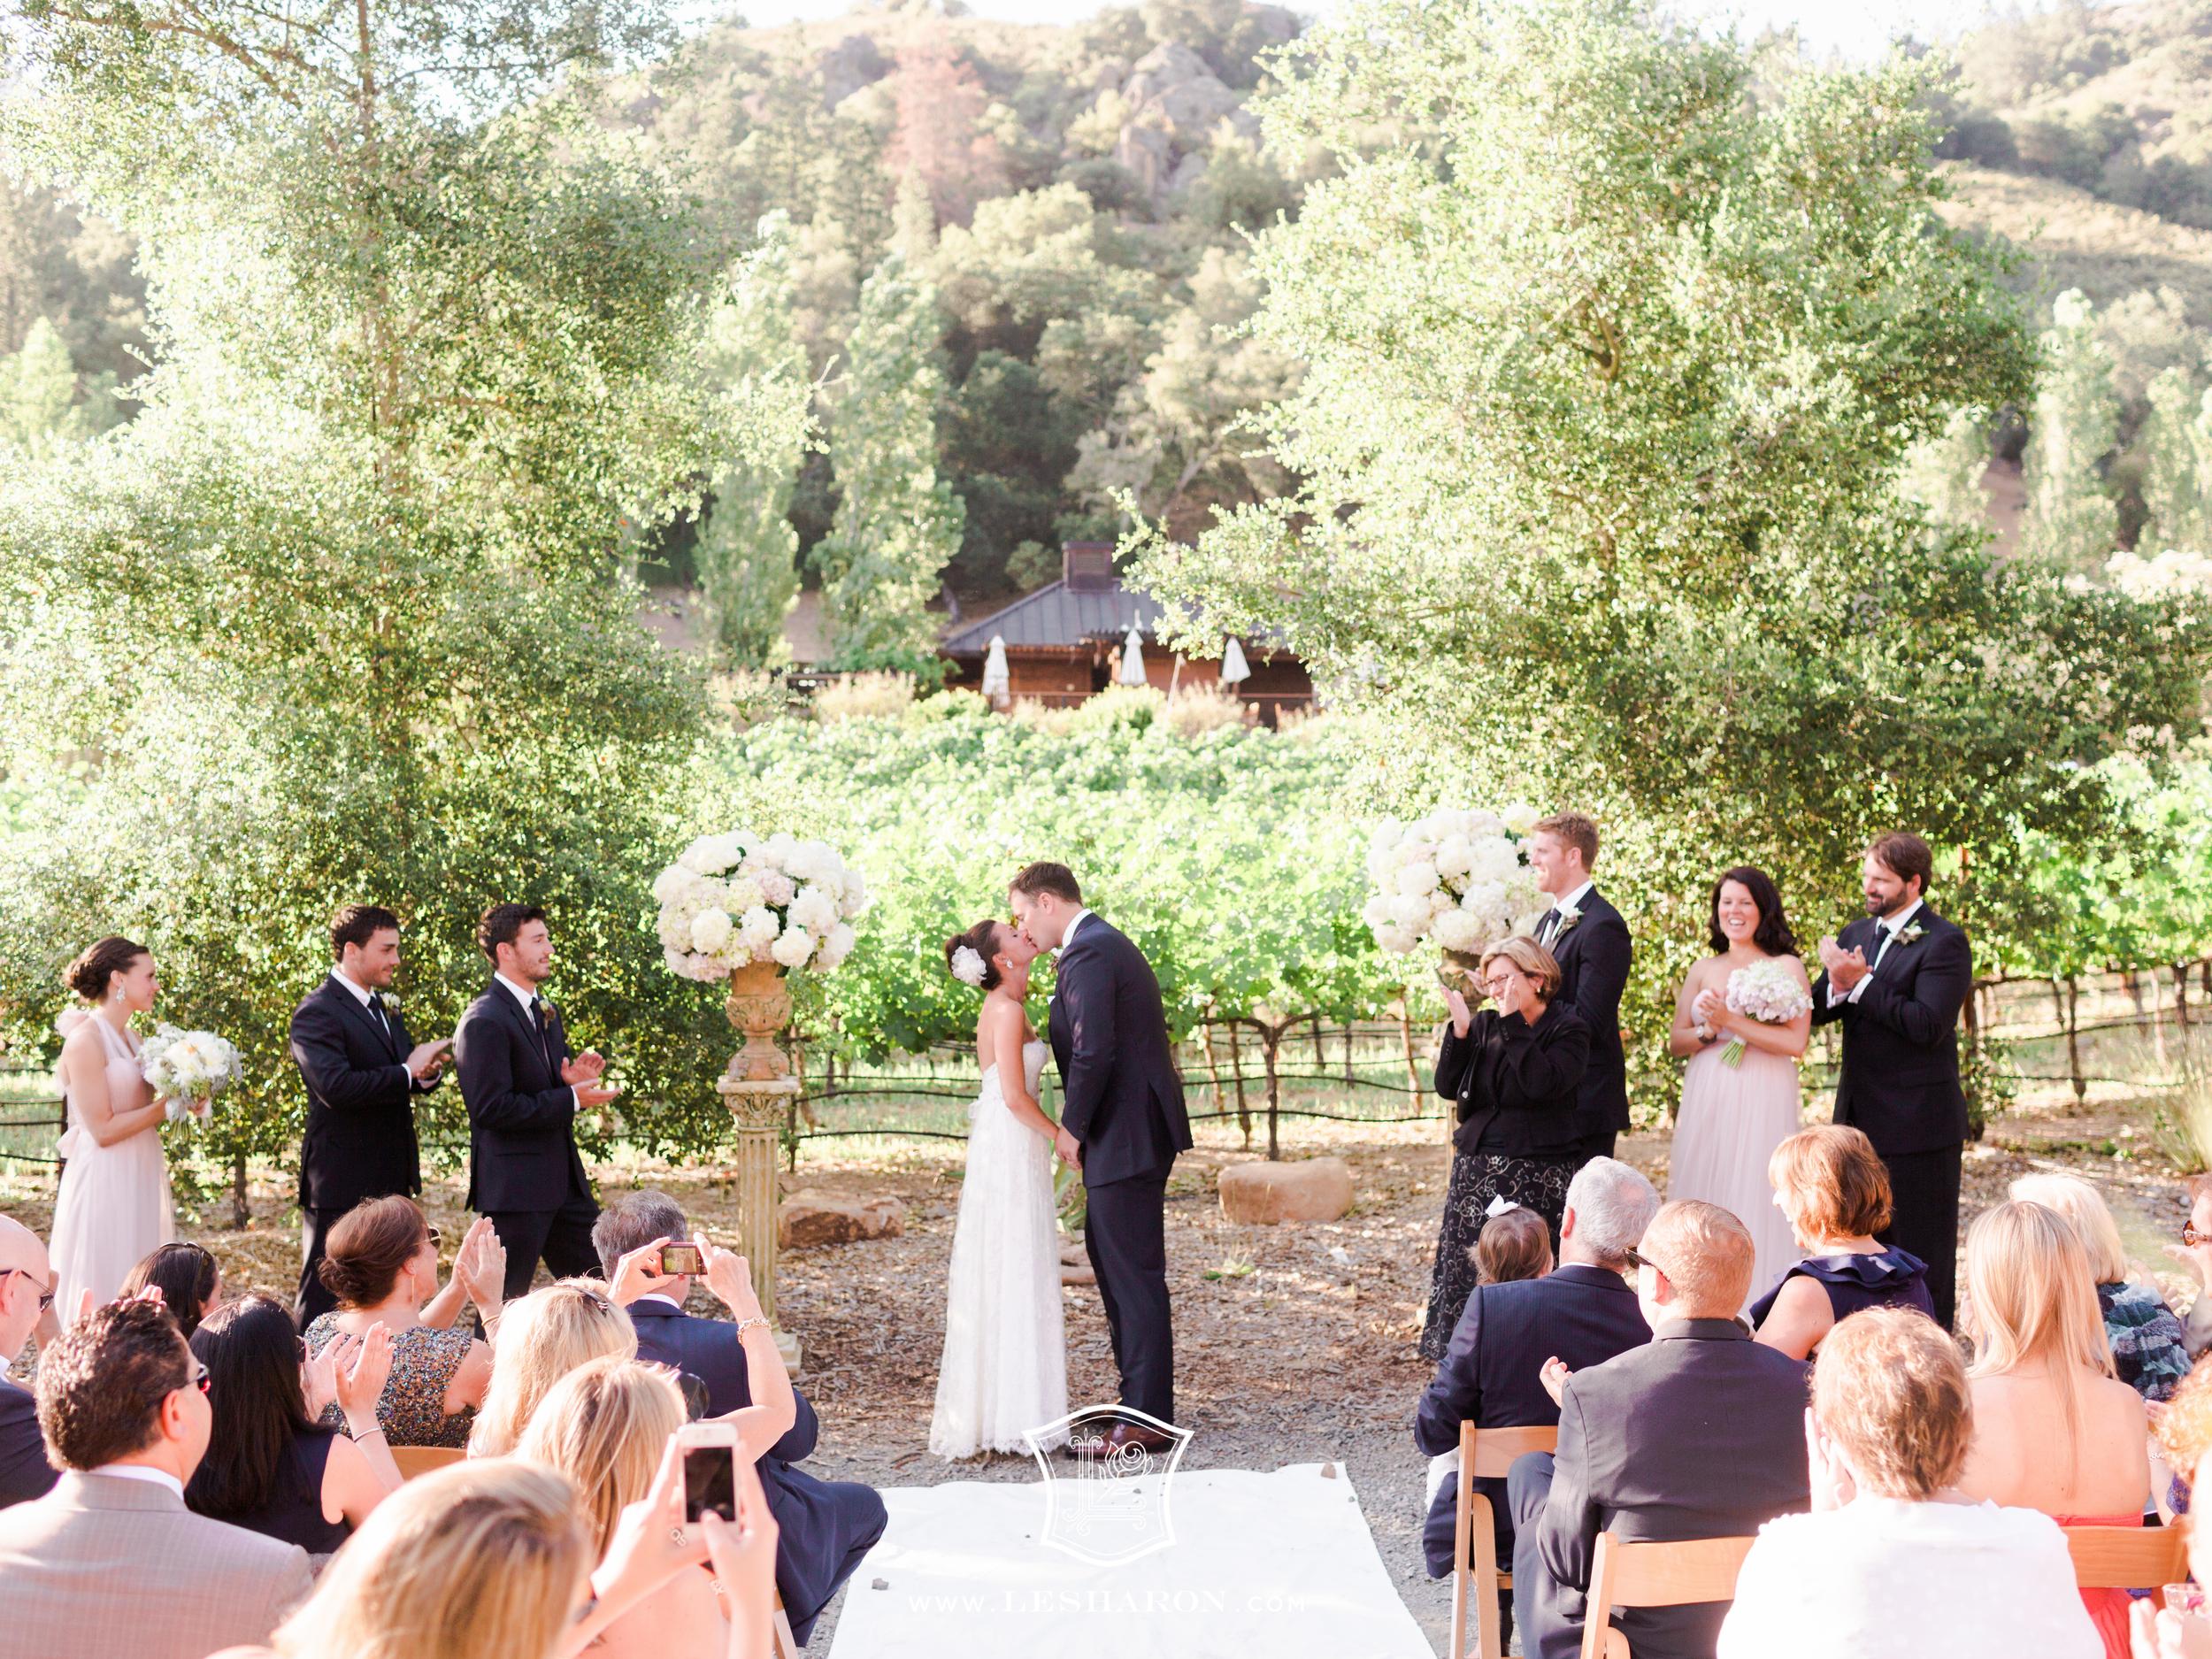 JJ_CalistogaRanchWedding_ScottAndrewStudio_5_Ceremony-91-2.jpg